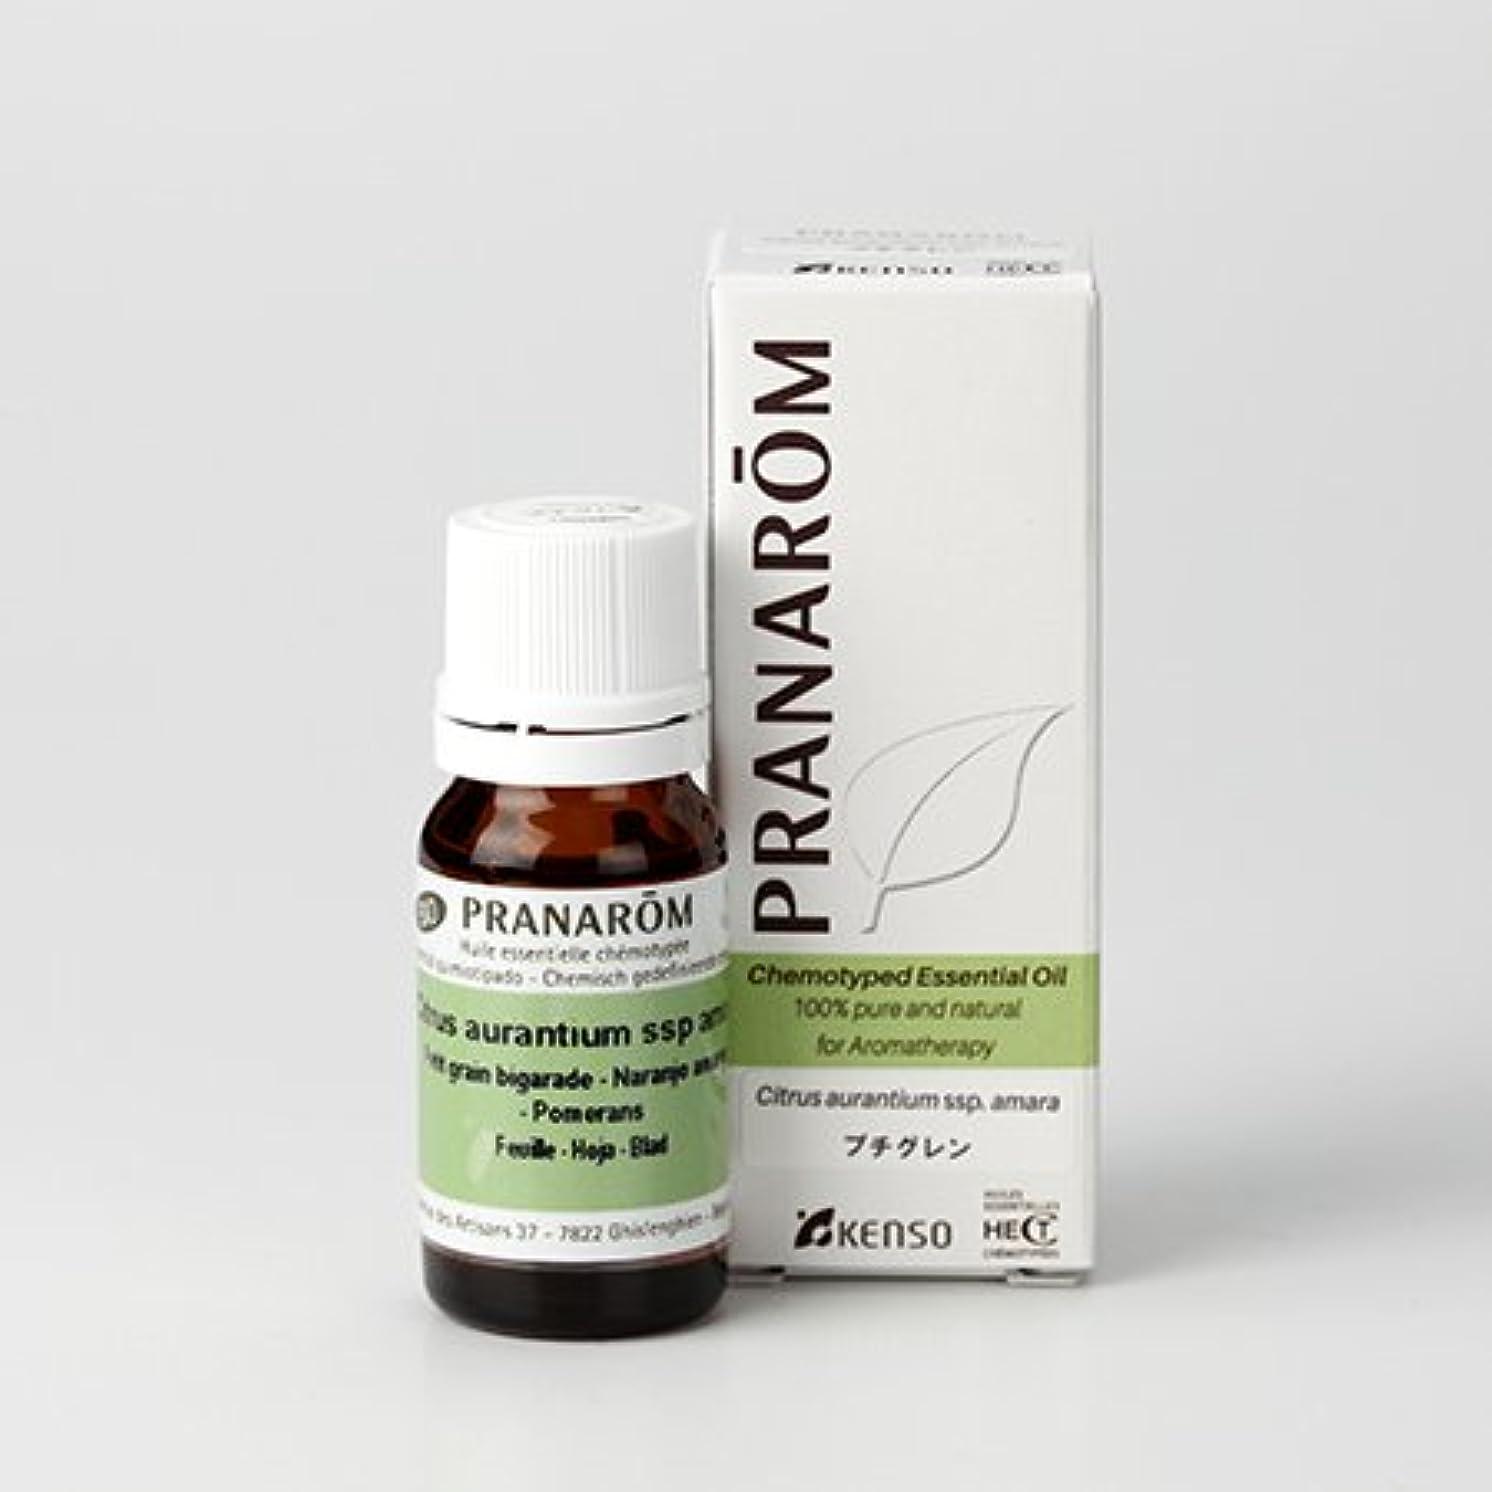 赤字交換誤ってプラナロム ( PRANAROM ) 精油 プチグレン 10ml p-38